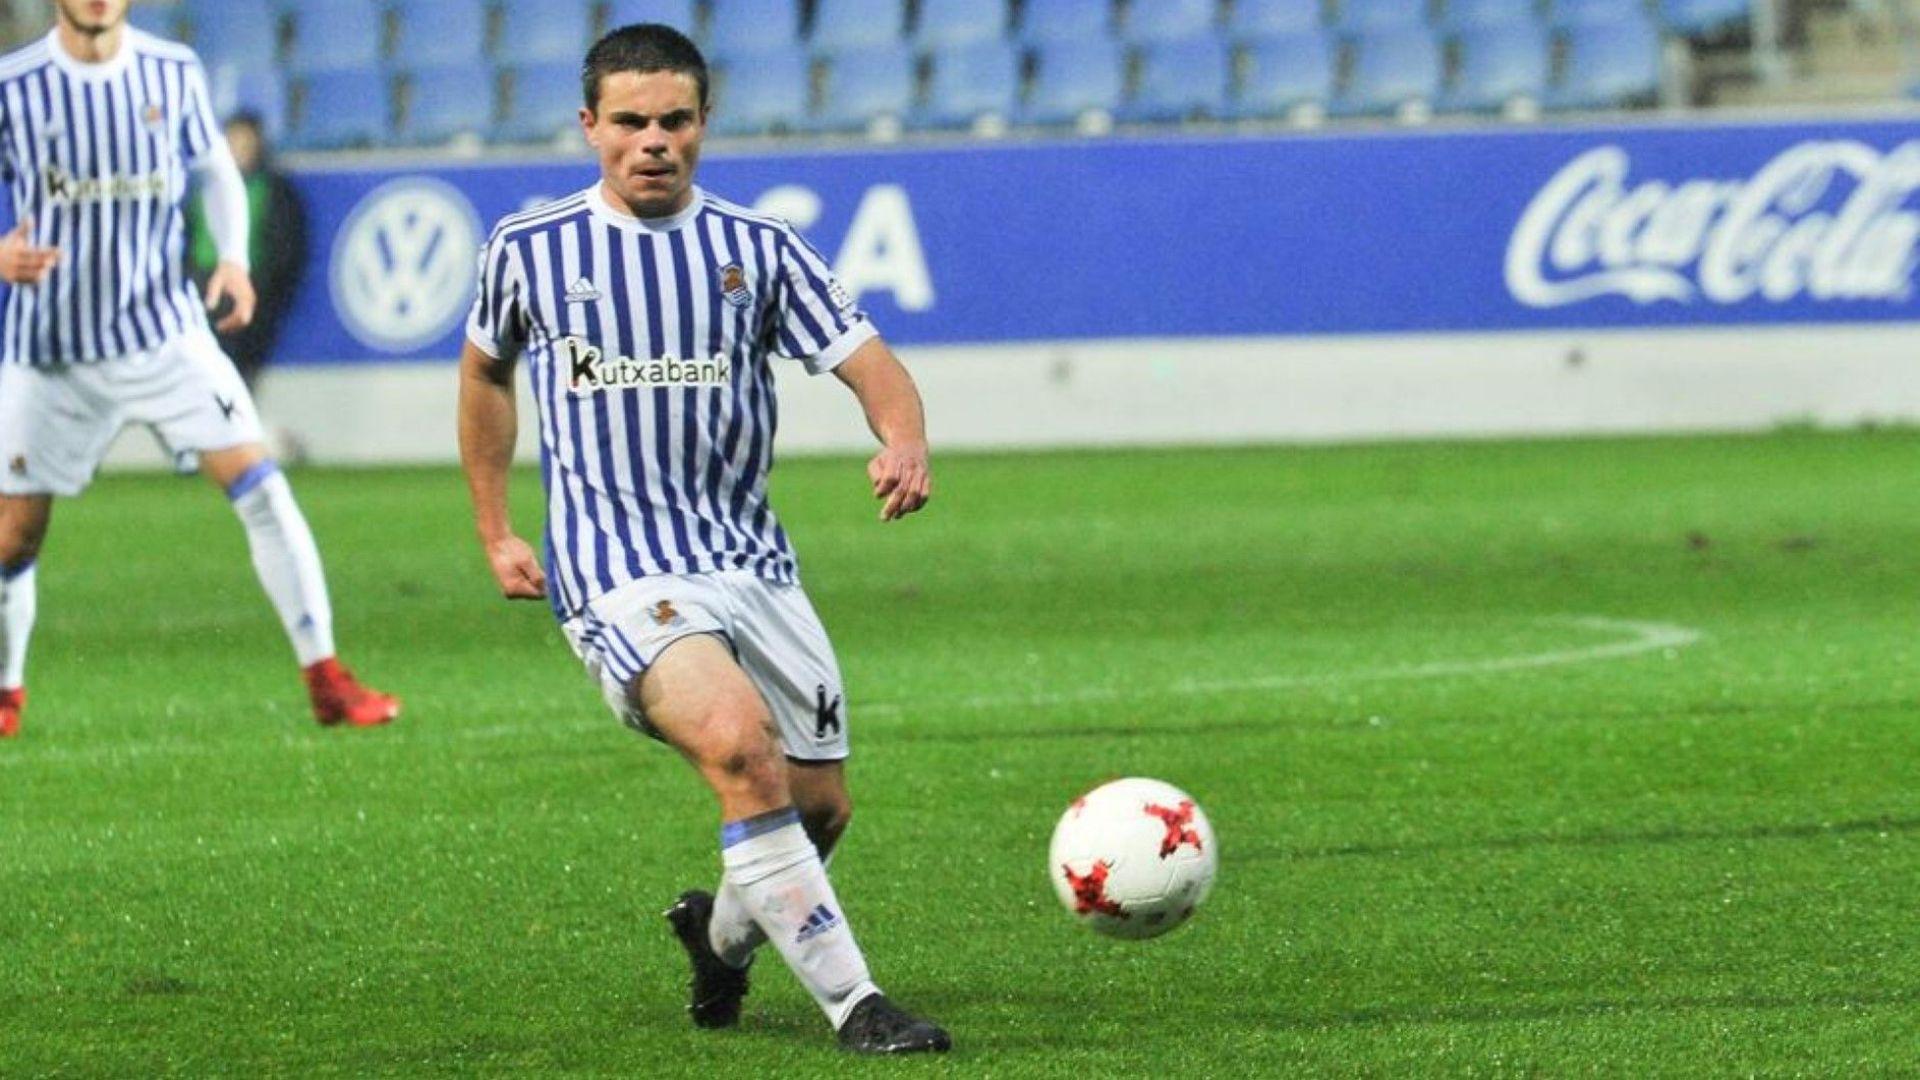 Инсулт порази 23-годишен футболист от испанския елит